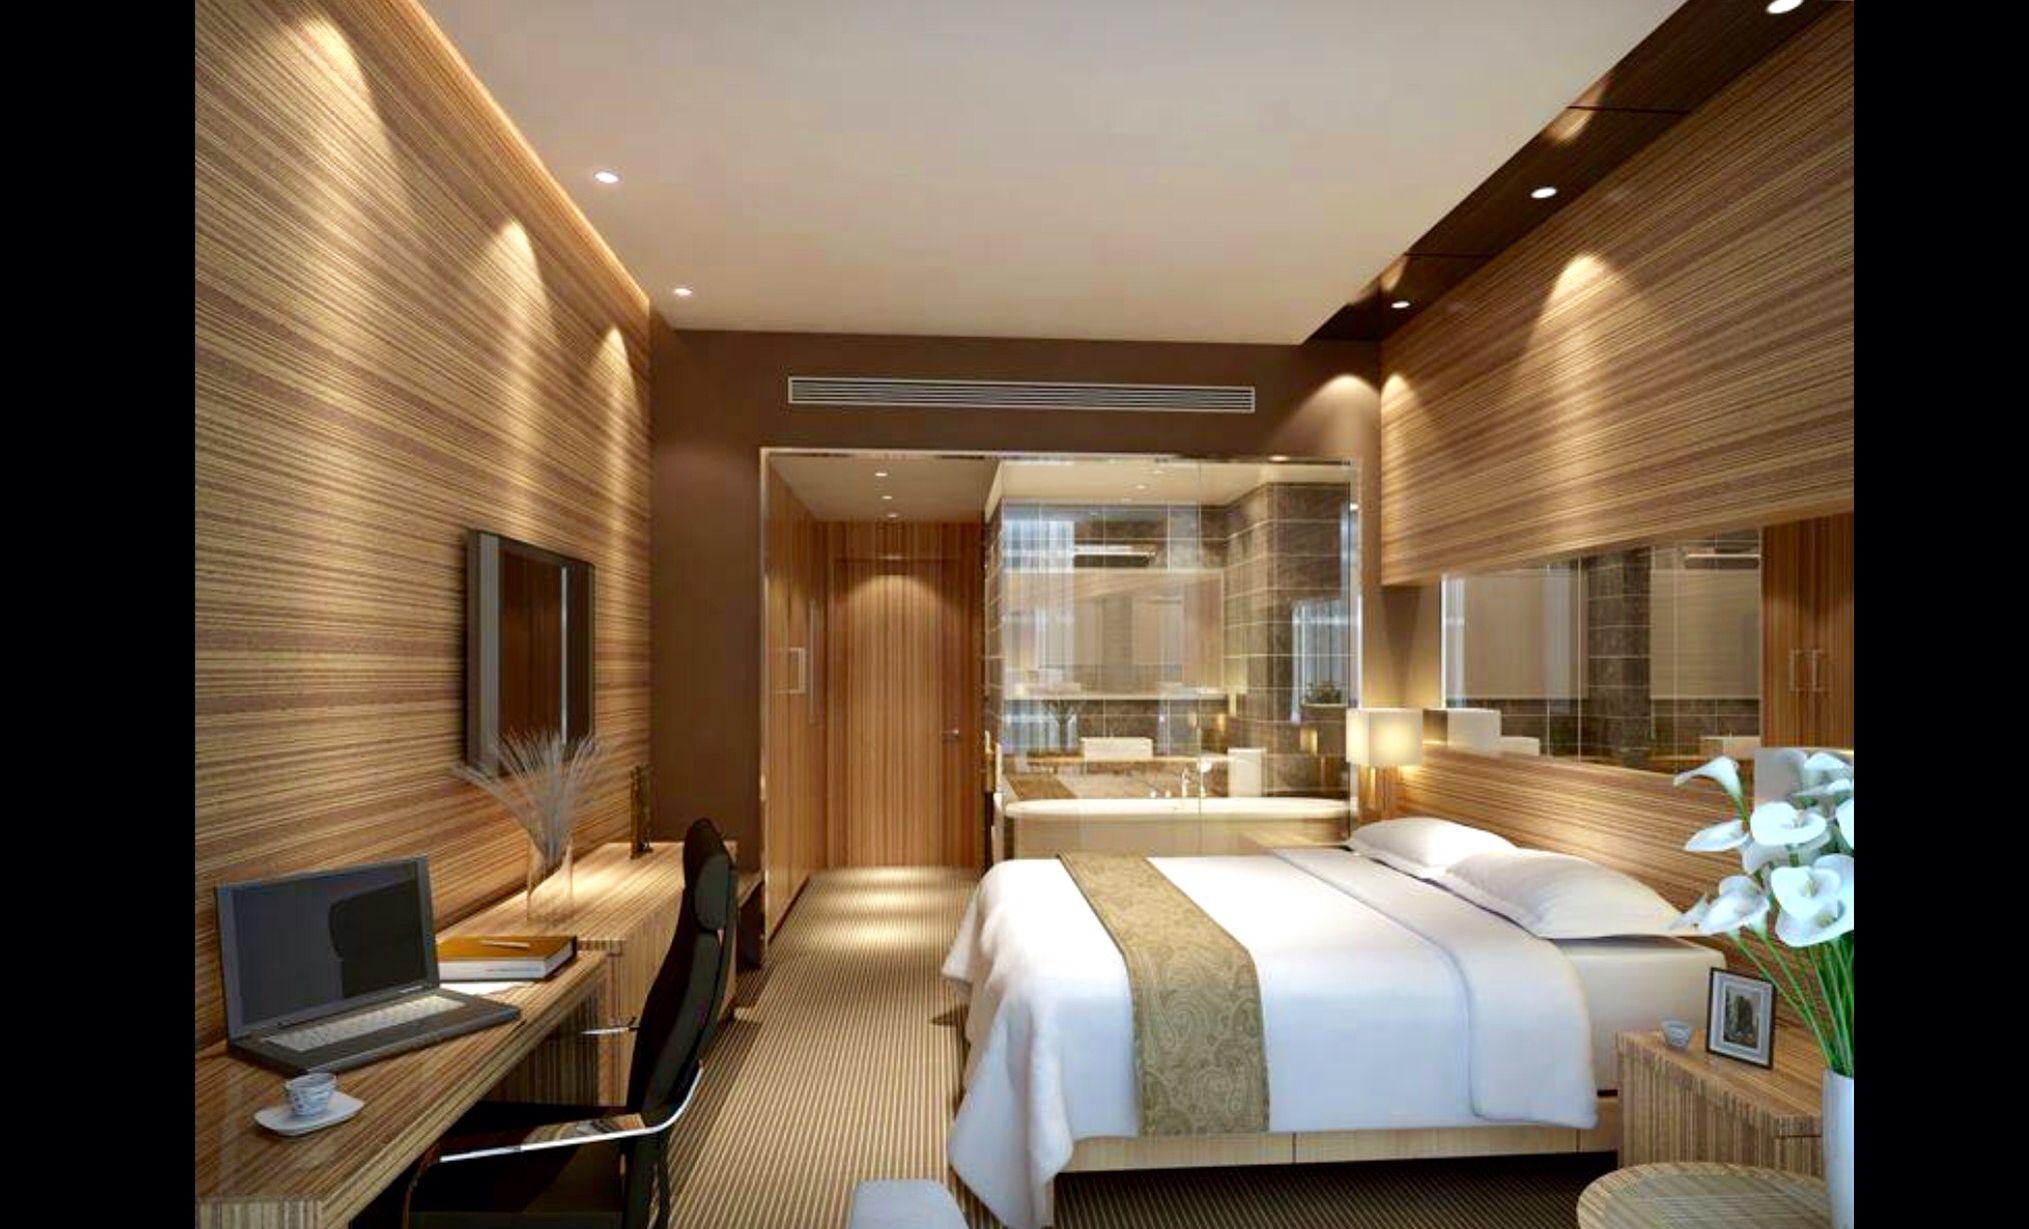 Dormitorio Elegante Dormitorio Elegante Real Estate